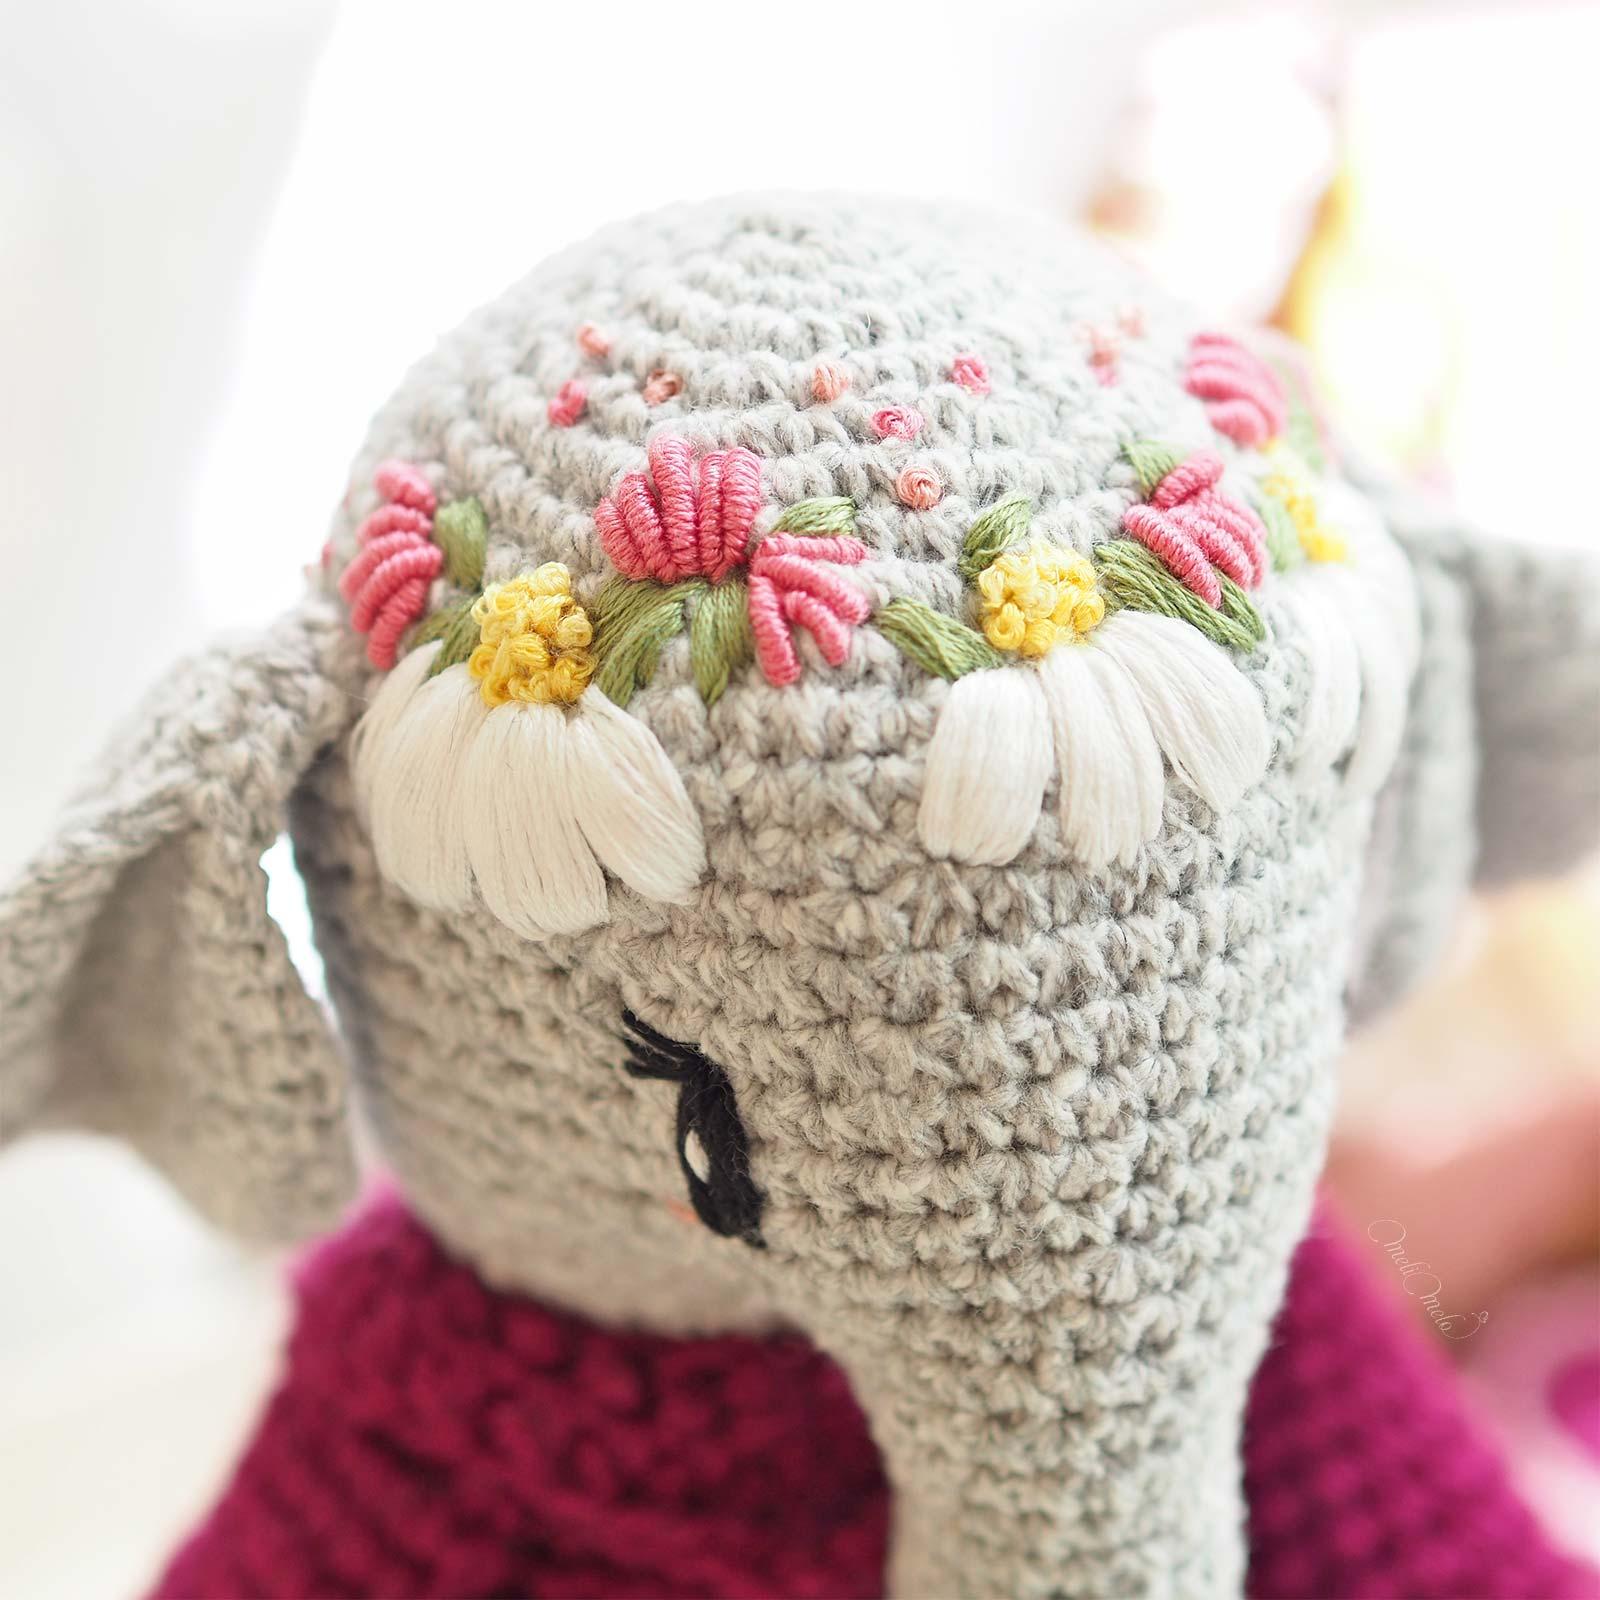 broderie-couronne-fleurs-trefles-marguerites-elephant-amigurumi-laboutiquedemelimelo